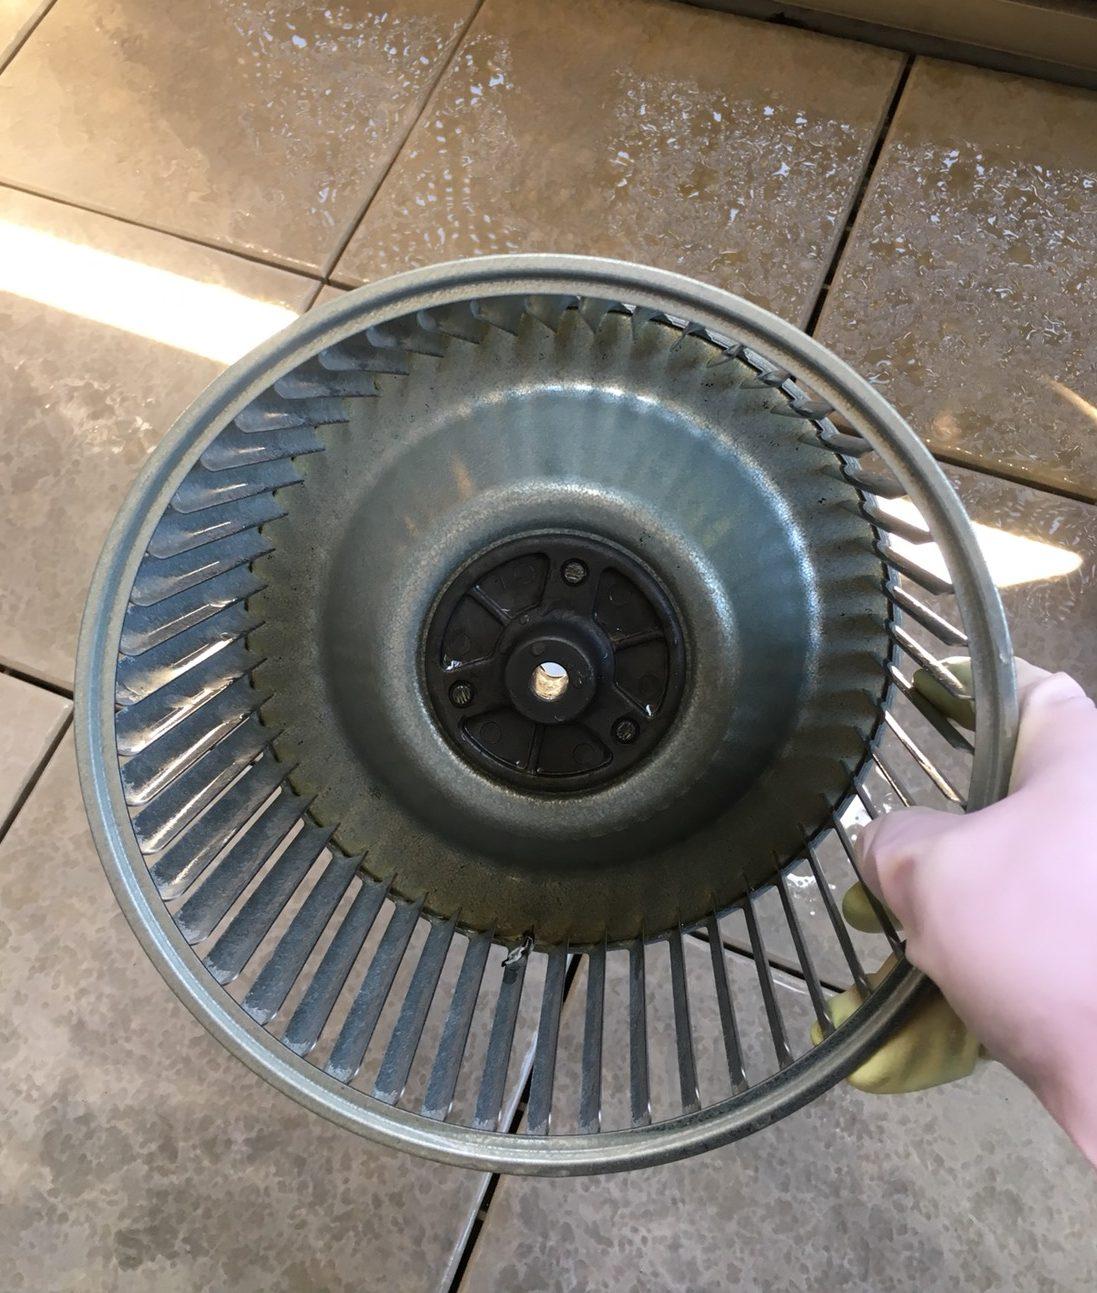 レンジフード・換気扇クリーニング・油汚れ どうやってお掃除すれば良い?お掃除で悩んでいるお客様、当店お気軽にご相談下さい!